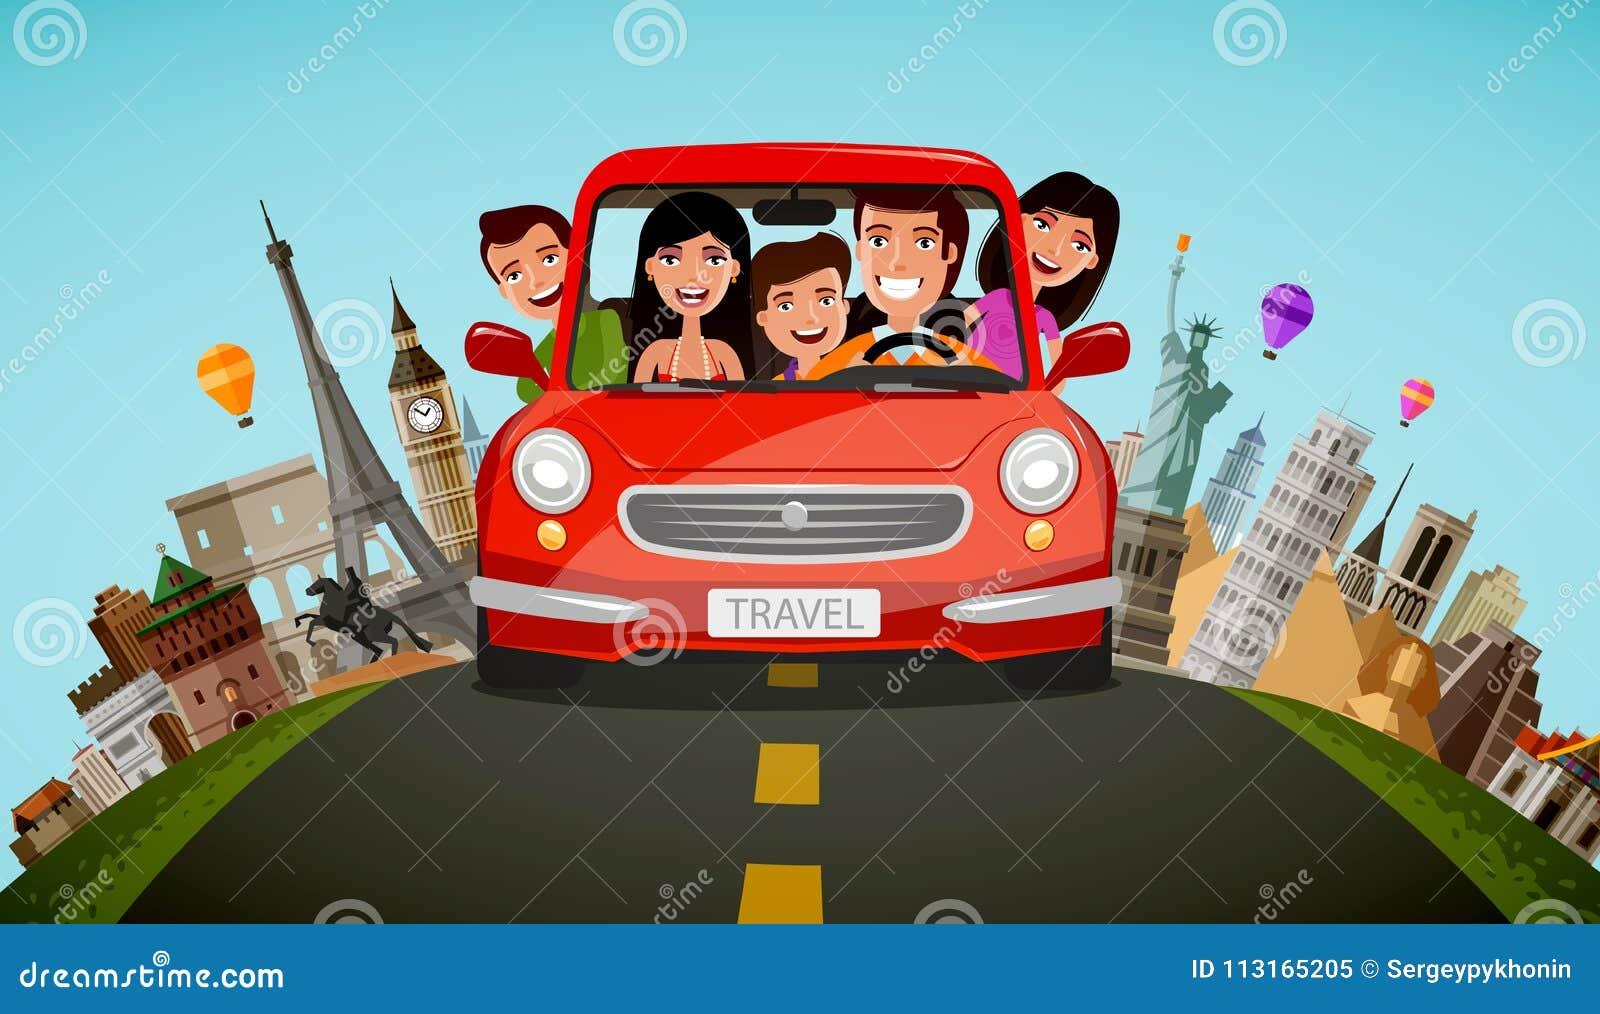 картинки семья едет на машине употребления